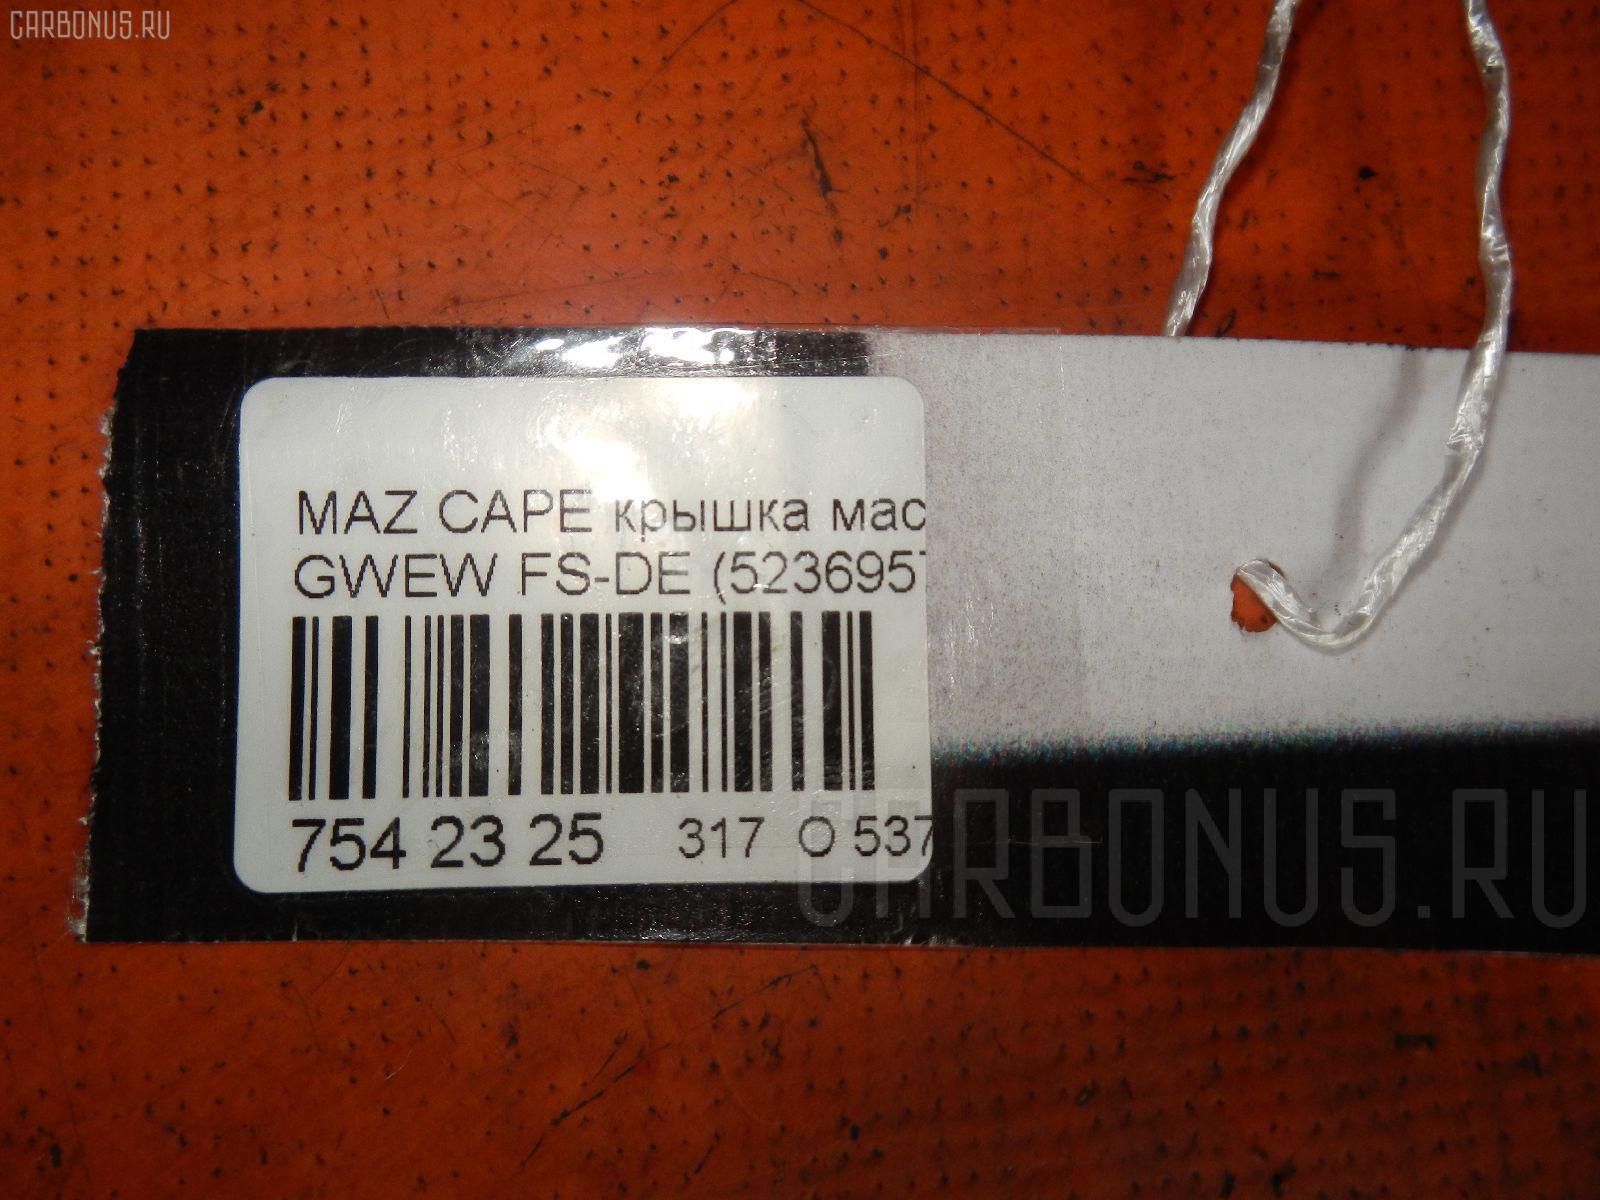 Крышка масляной горловины MAZDA CAPELLA WAGON GWEW FS-DE Фото 2